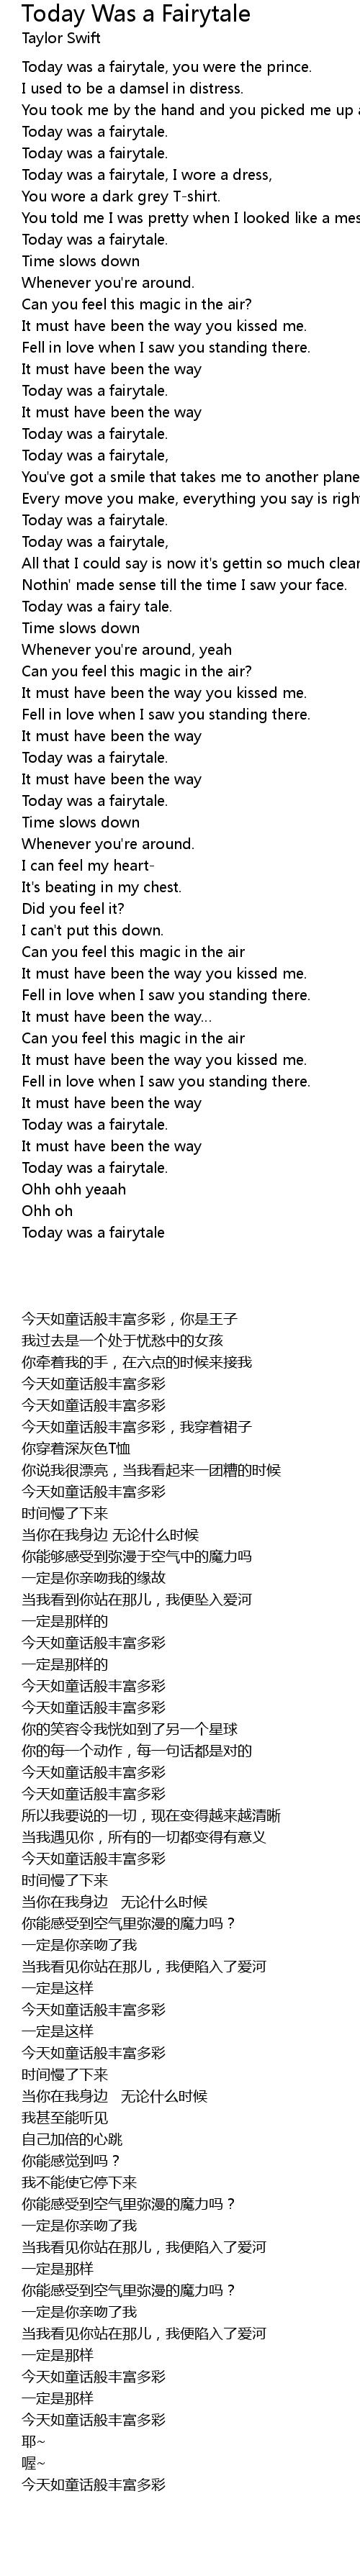 Today Was A Fairytale Lyrics Follow Lyrics